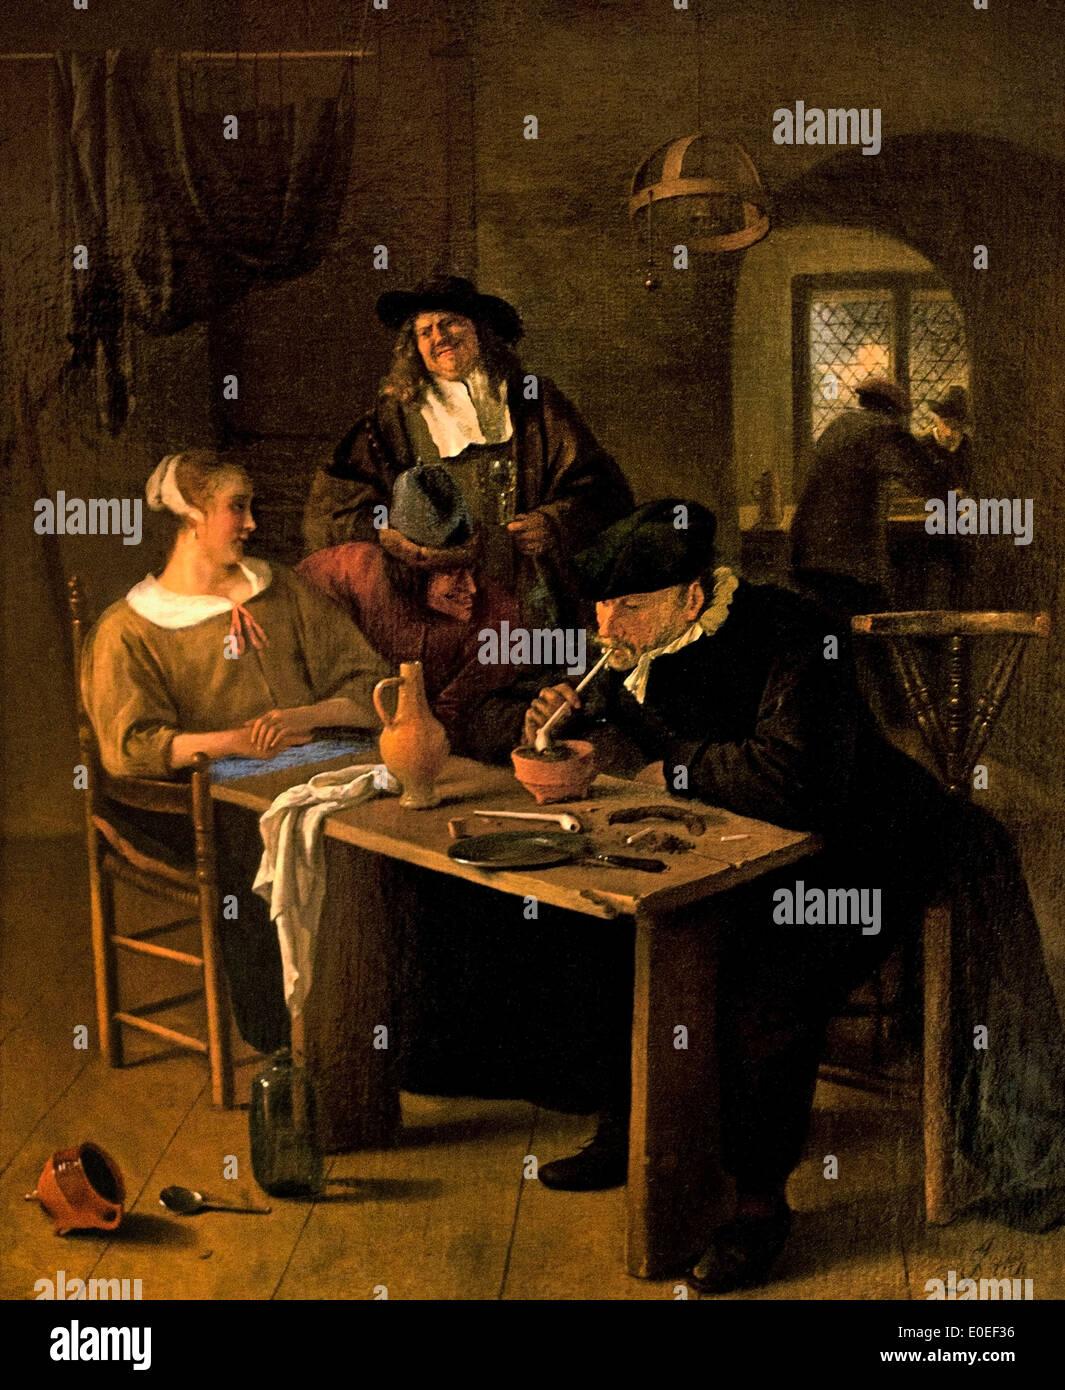 Tavern Scene 1661-1665 Jby Jan Havicksz ( Havickszoon ) Steen 1626 - 1679  Dutch